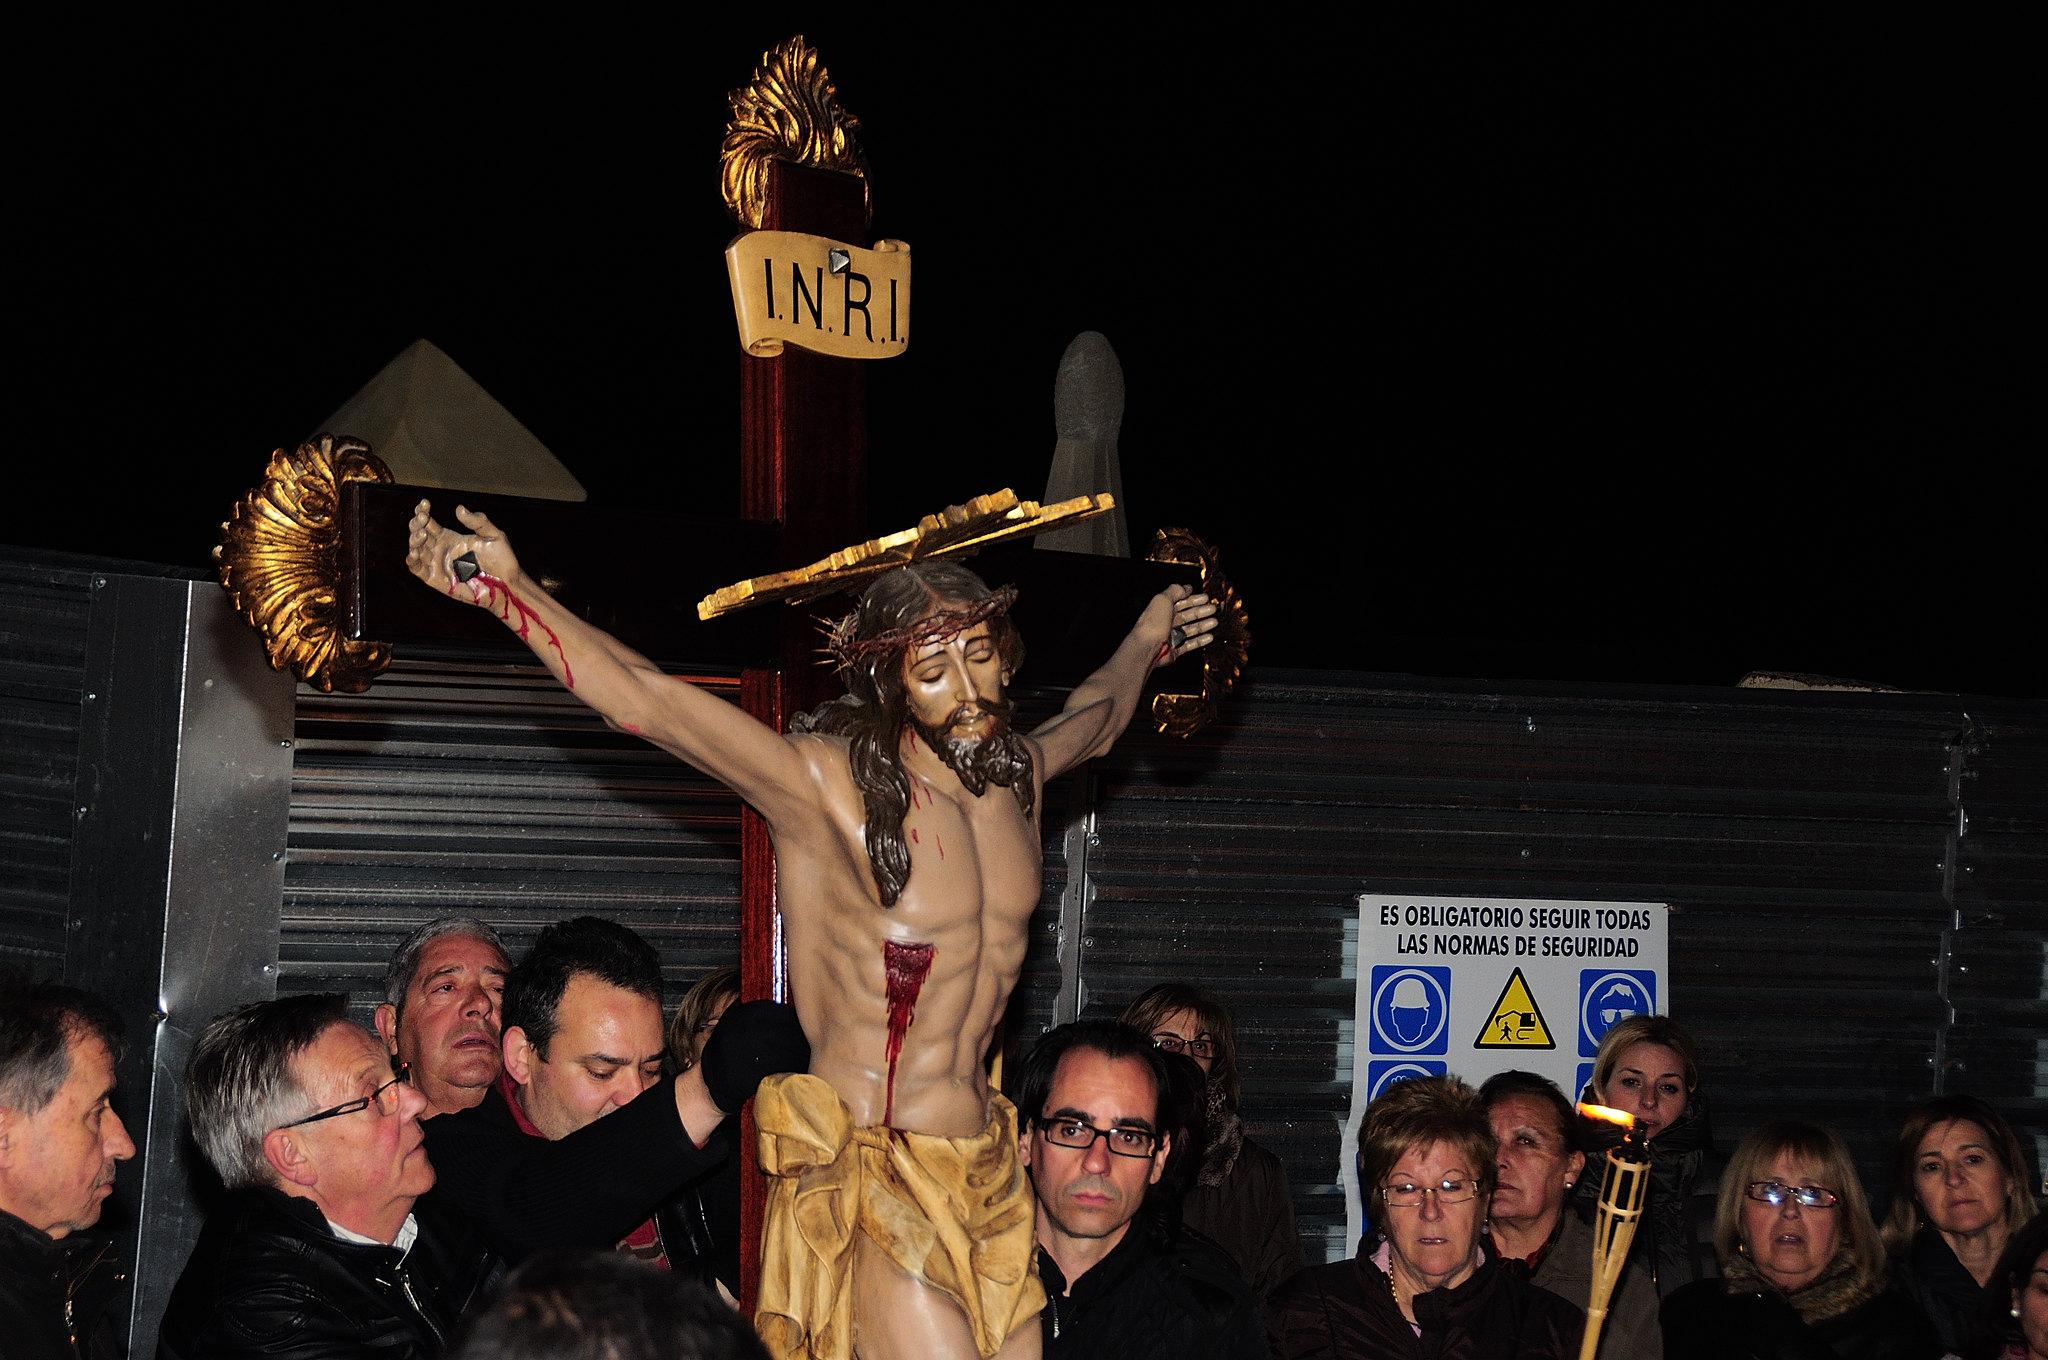 (2013-03-22) - IV Vía Crucis nocturno - Abraham de la Rosa (08)